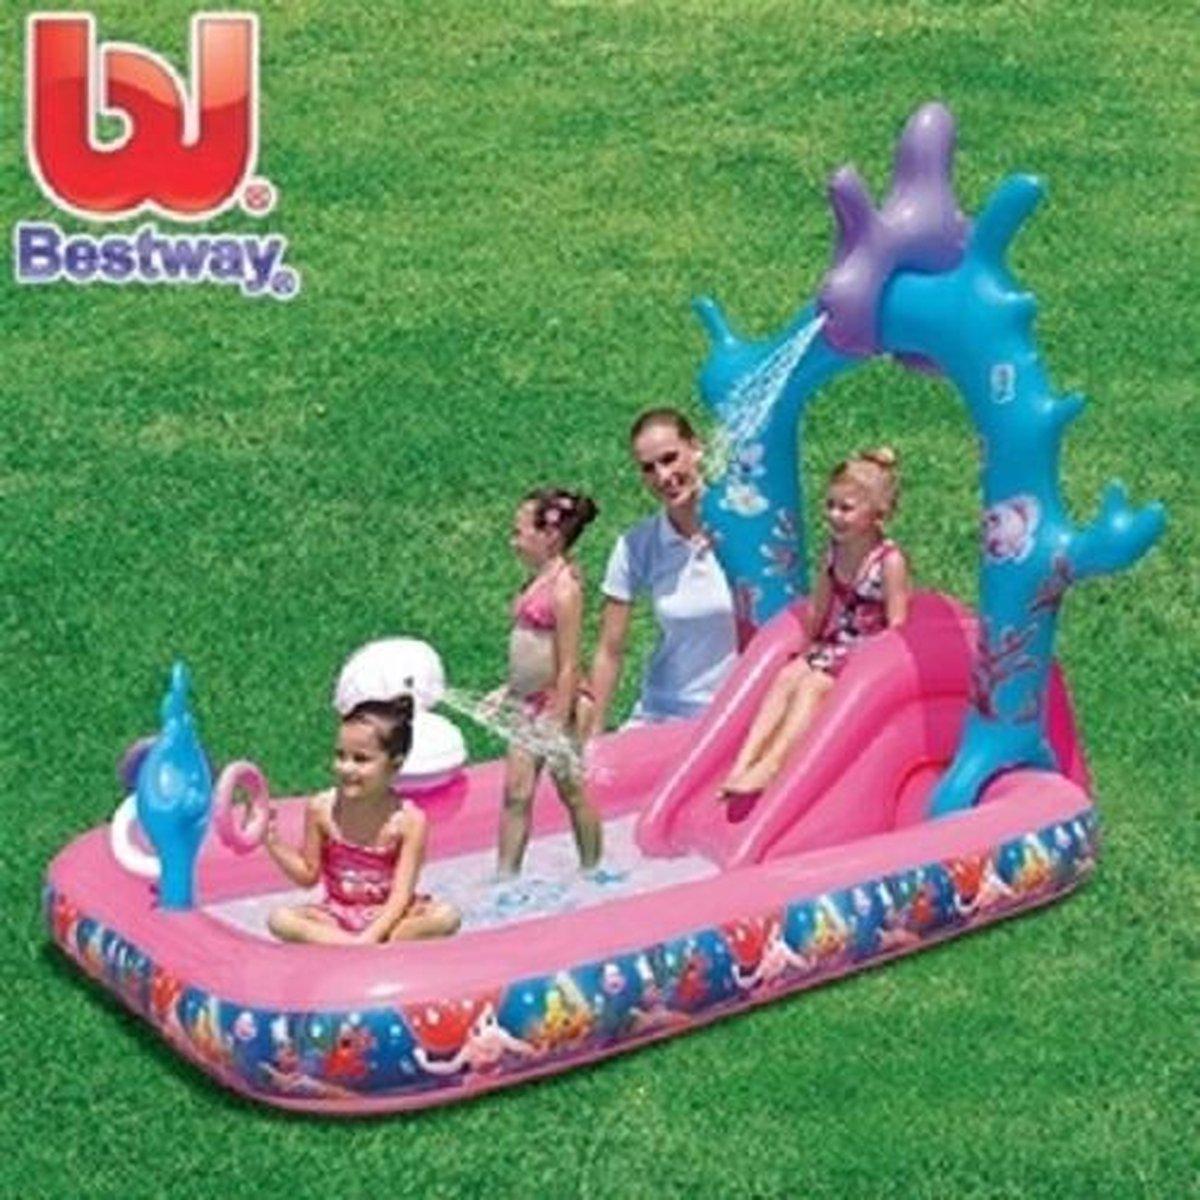 Bestway Disney Princess opblaasbaar speelzwembad